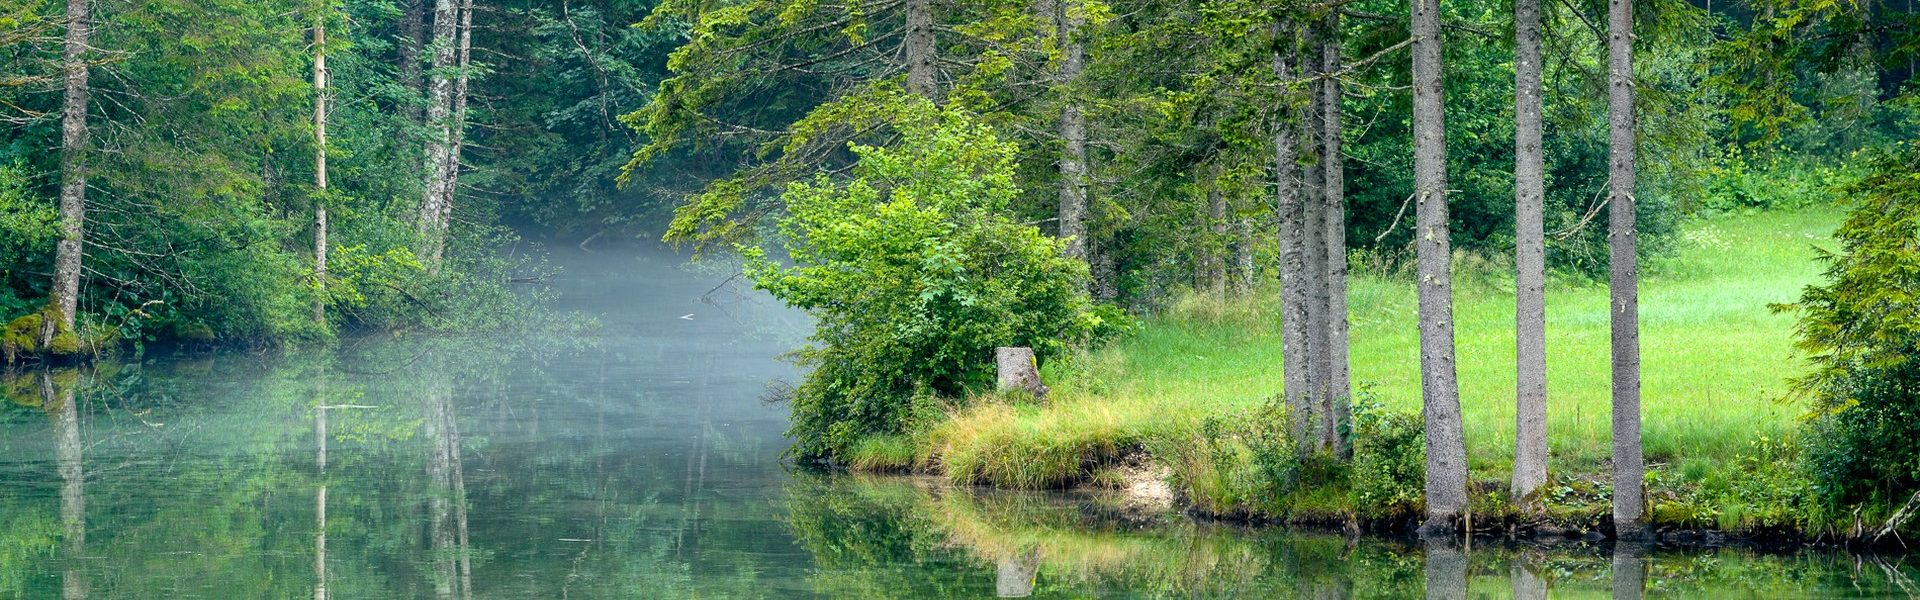 Oberösterreichs Wasserwelten (Foto: Wolfgang Harnisch)